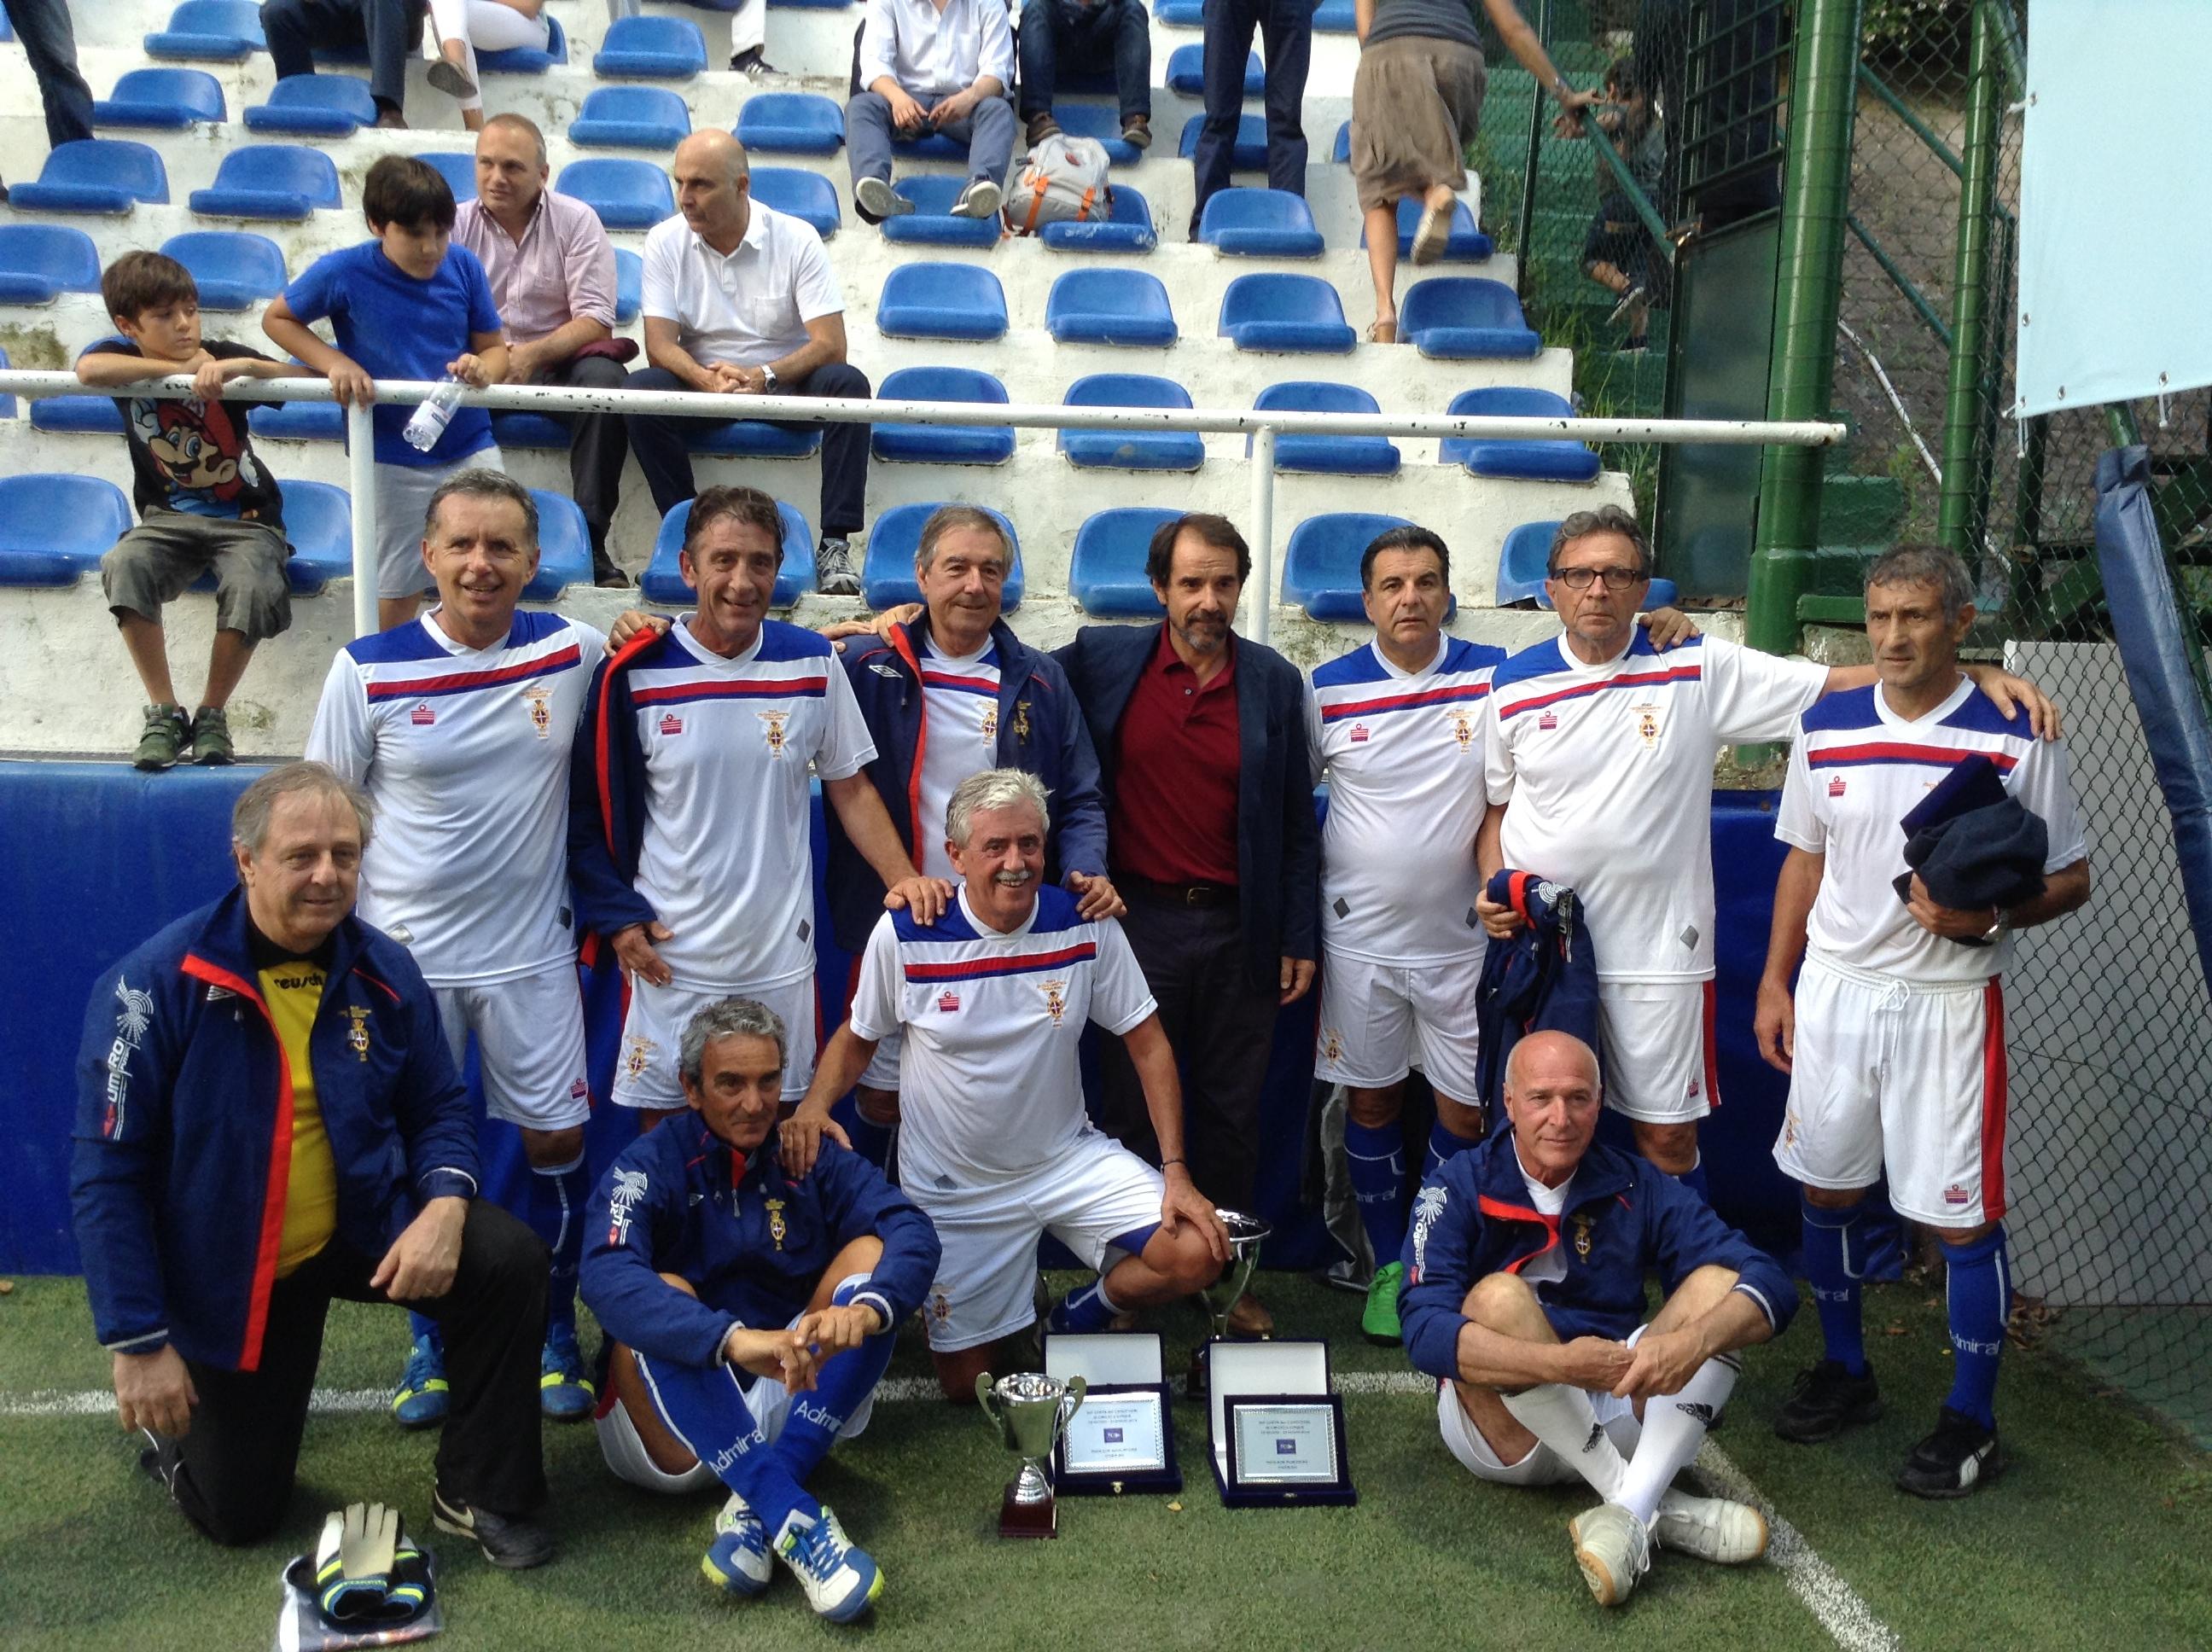 Calcetto – Coppa dei Canottieri luglio 2014: finale over 60. Invincibili e devastanti!